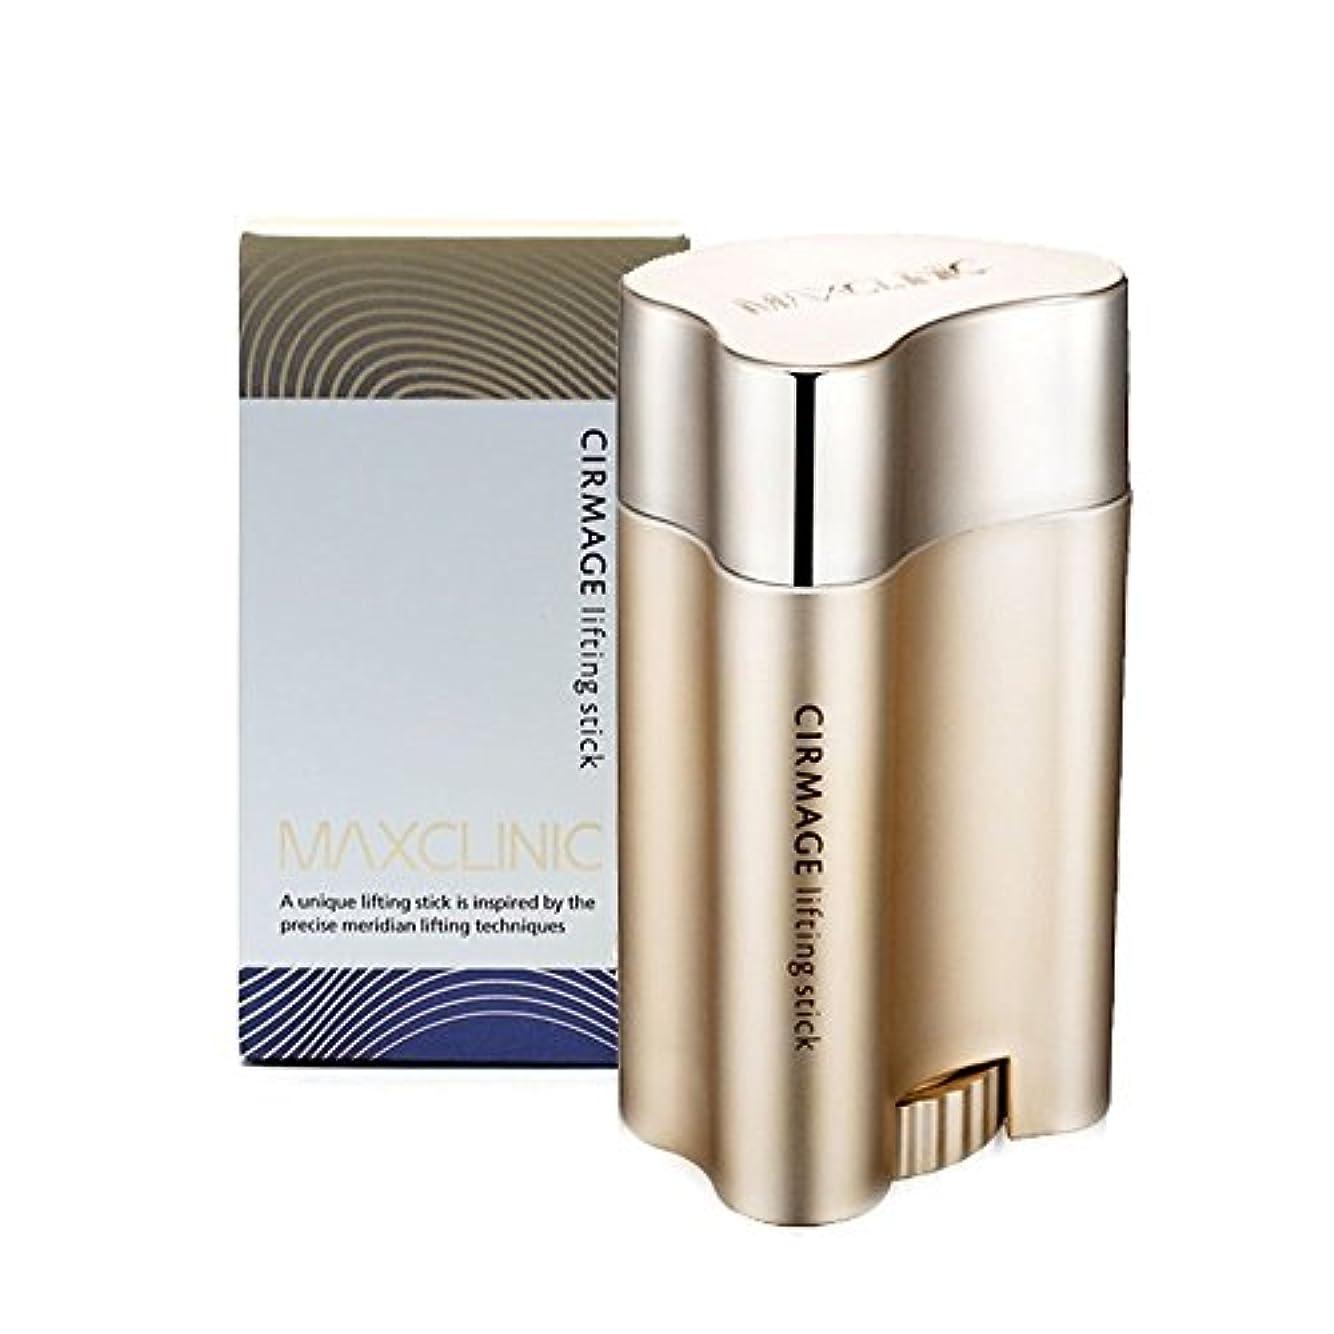 ビバひねりゲートMAXCLINIC マックスクリニック サーメージ リフティング スティック 23g(Cirmage Lifting Stick 23g)/Direct from Korea/w free Gift Sample [並行輸入品]